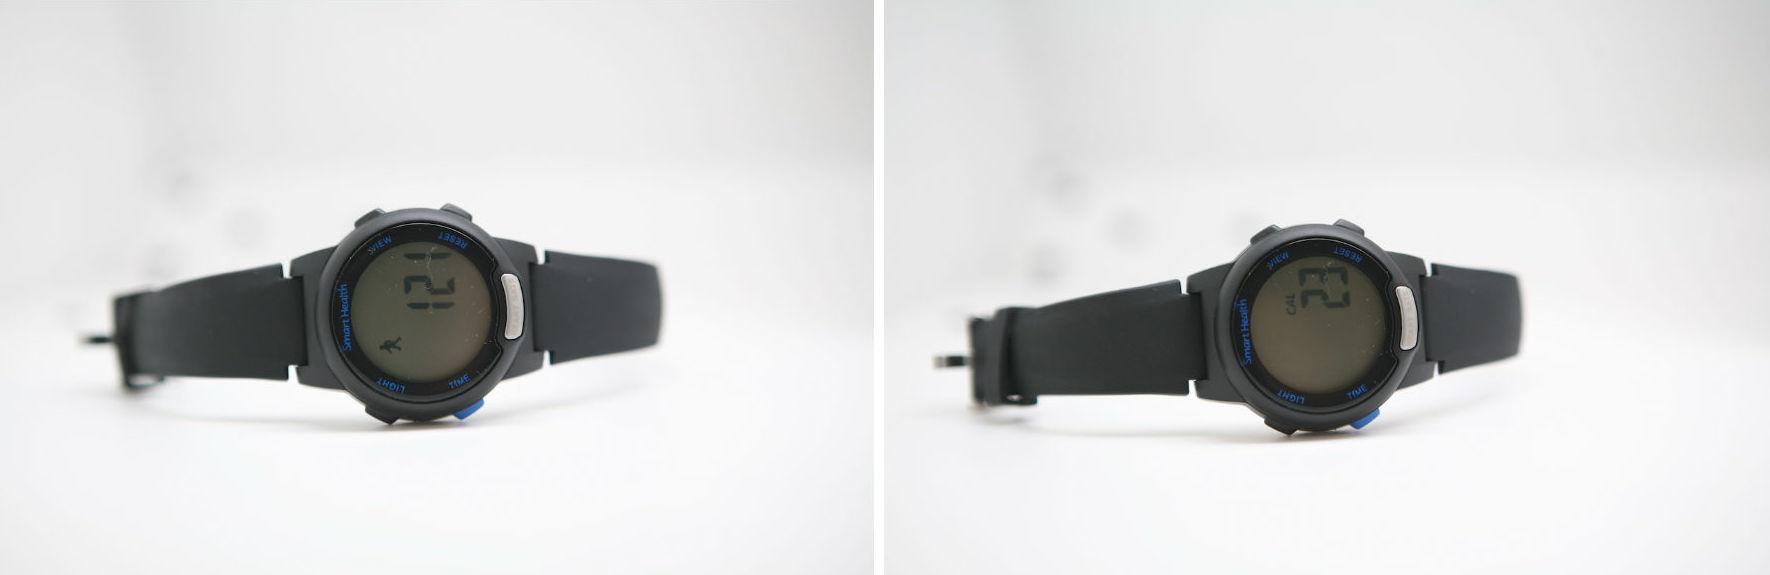 Проще некуда. Самые дешевые часы с пульсометром «для богатых»: Smart Health - 2